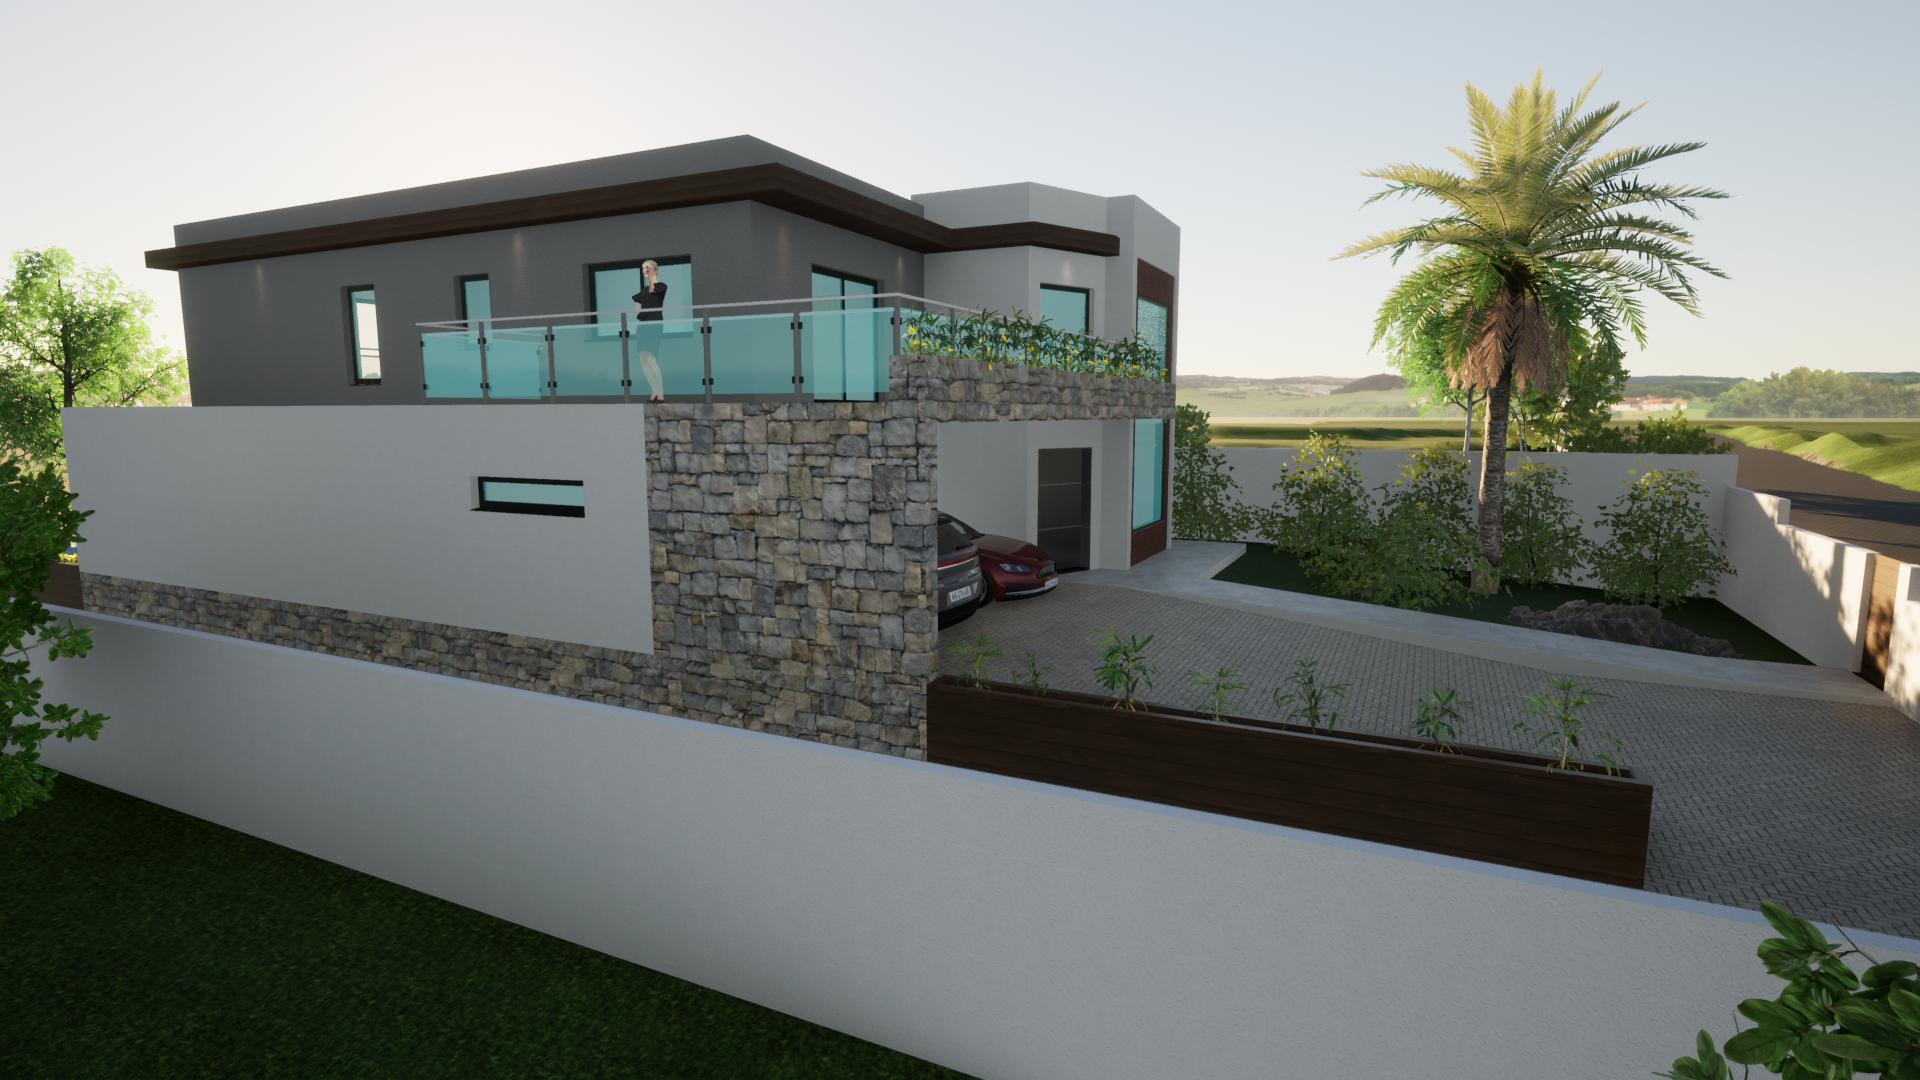 Projeto_Casas_do_Ribeiro_GrupoPsantos (5)